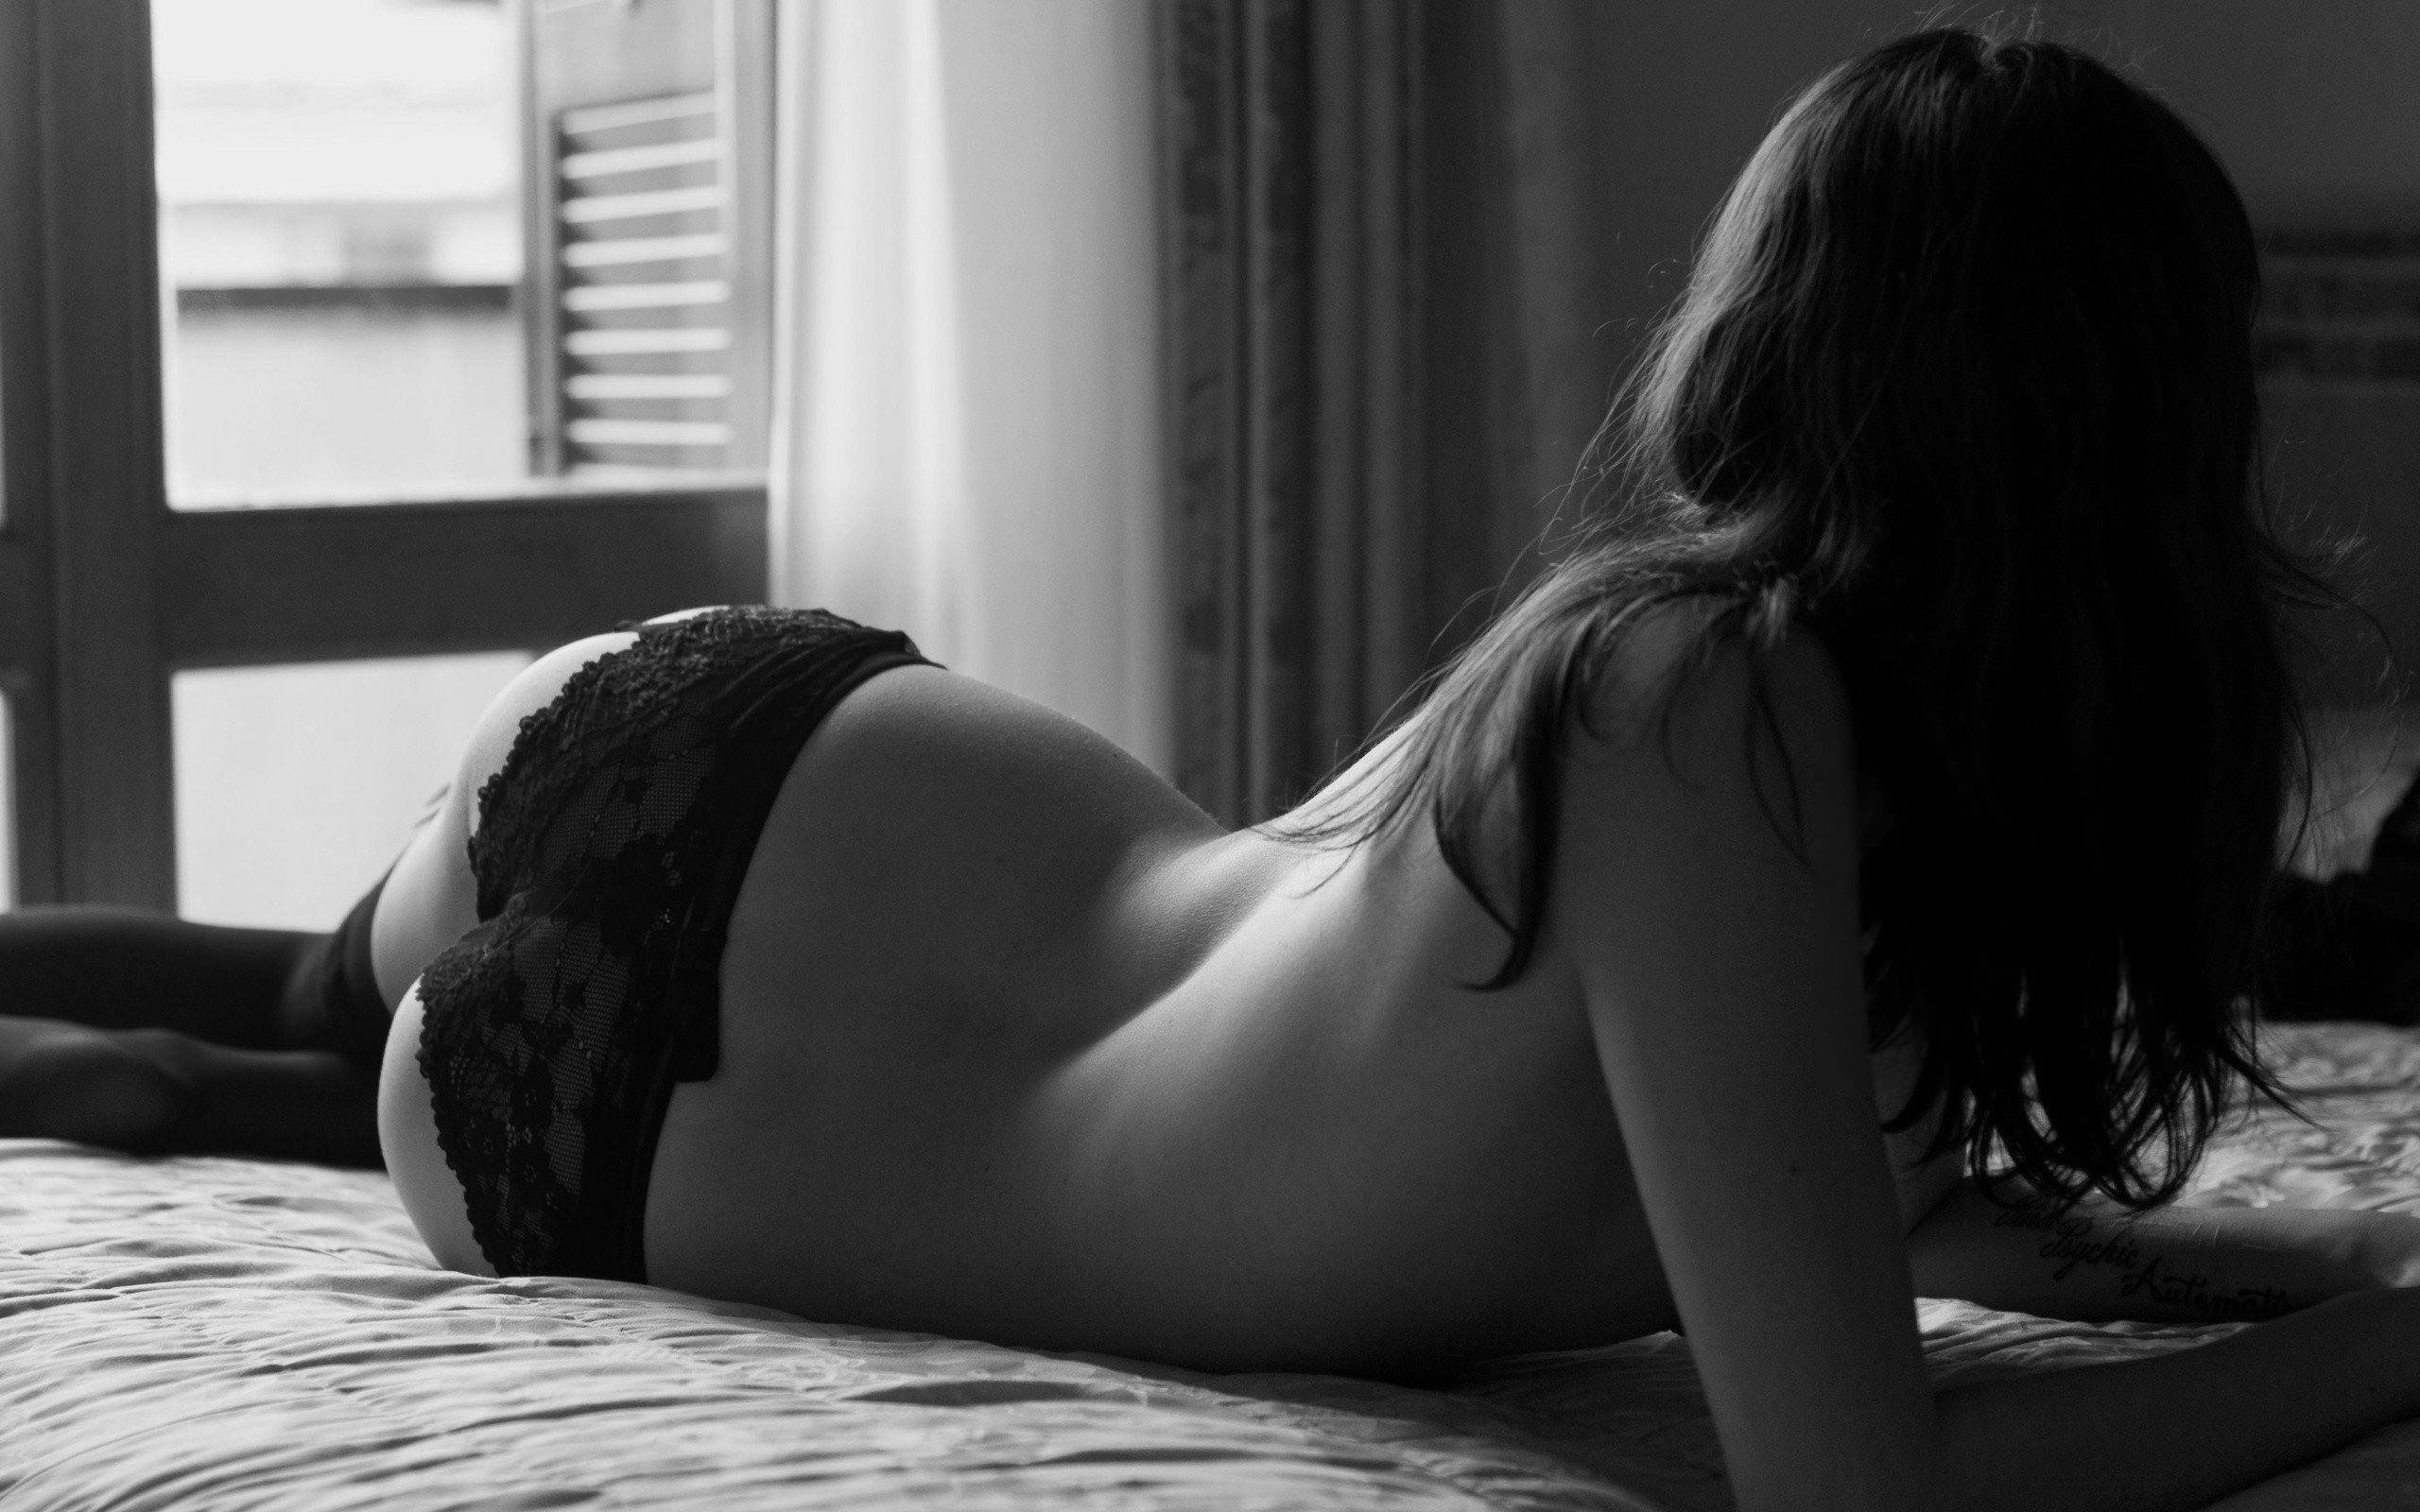 Фото Черные кружевные трусики на попе, брюнетка в постели, черно-белая эротика, скачать картинку бесплатно